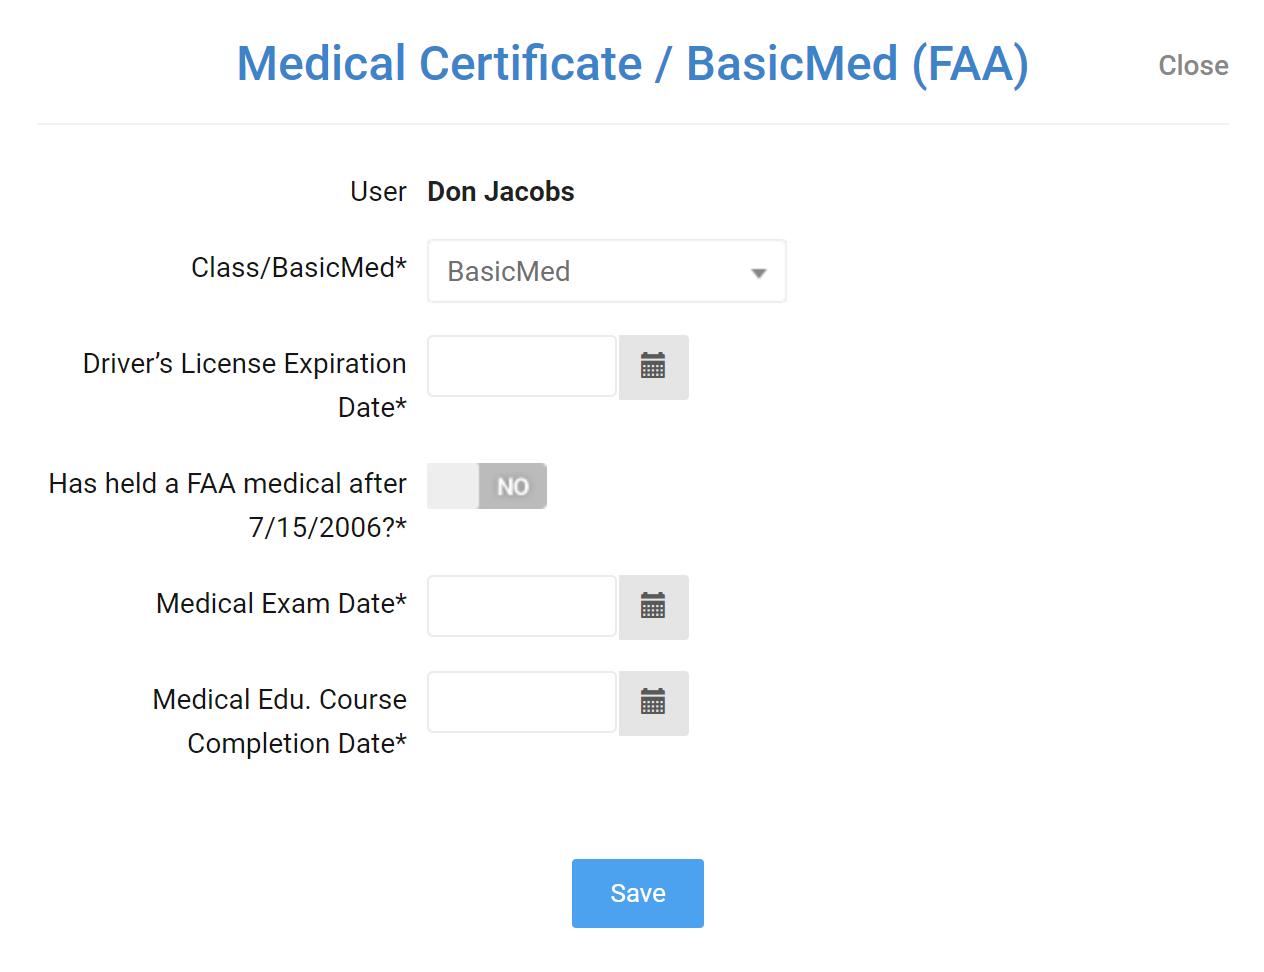 Screenshot of BasicMed user information